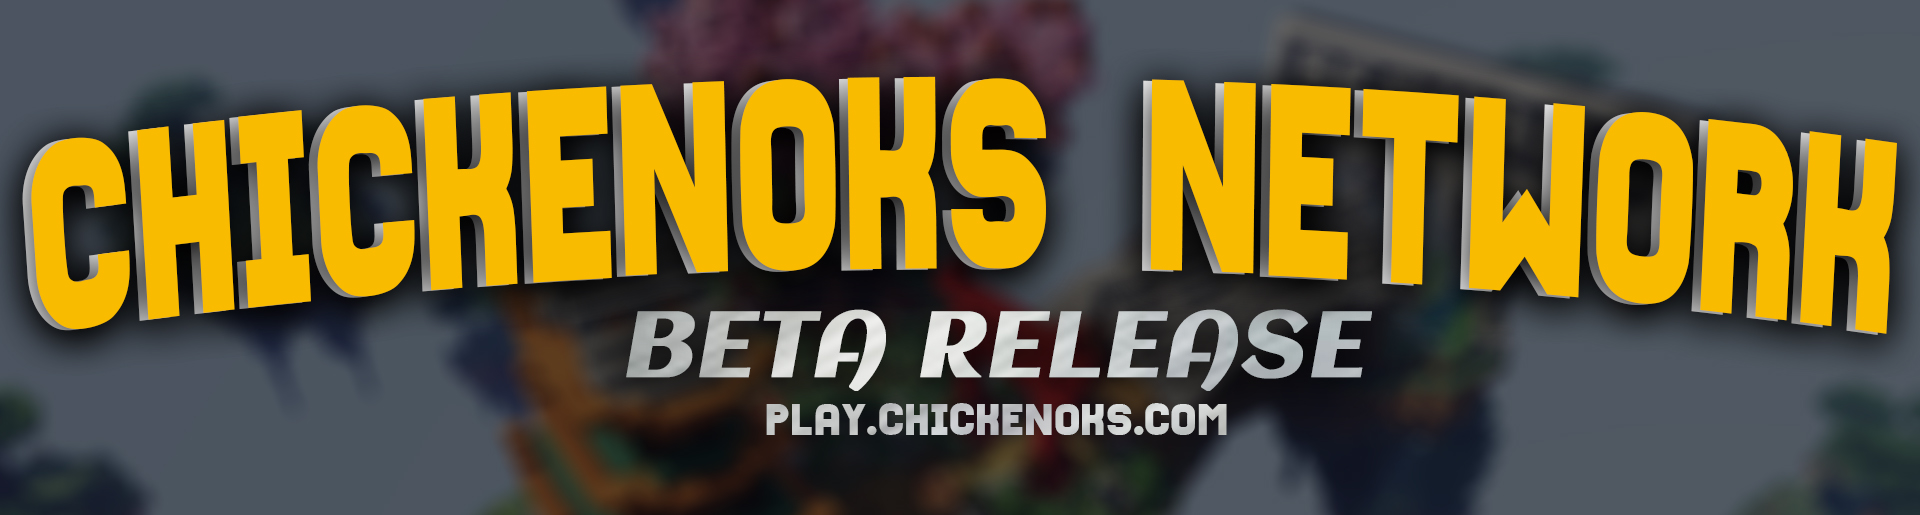 Banner for ChickenoksNetwork server